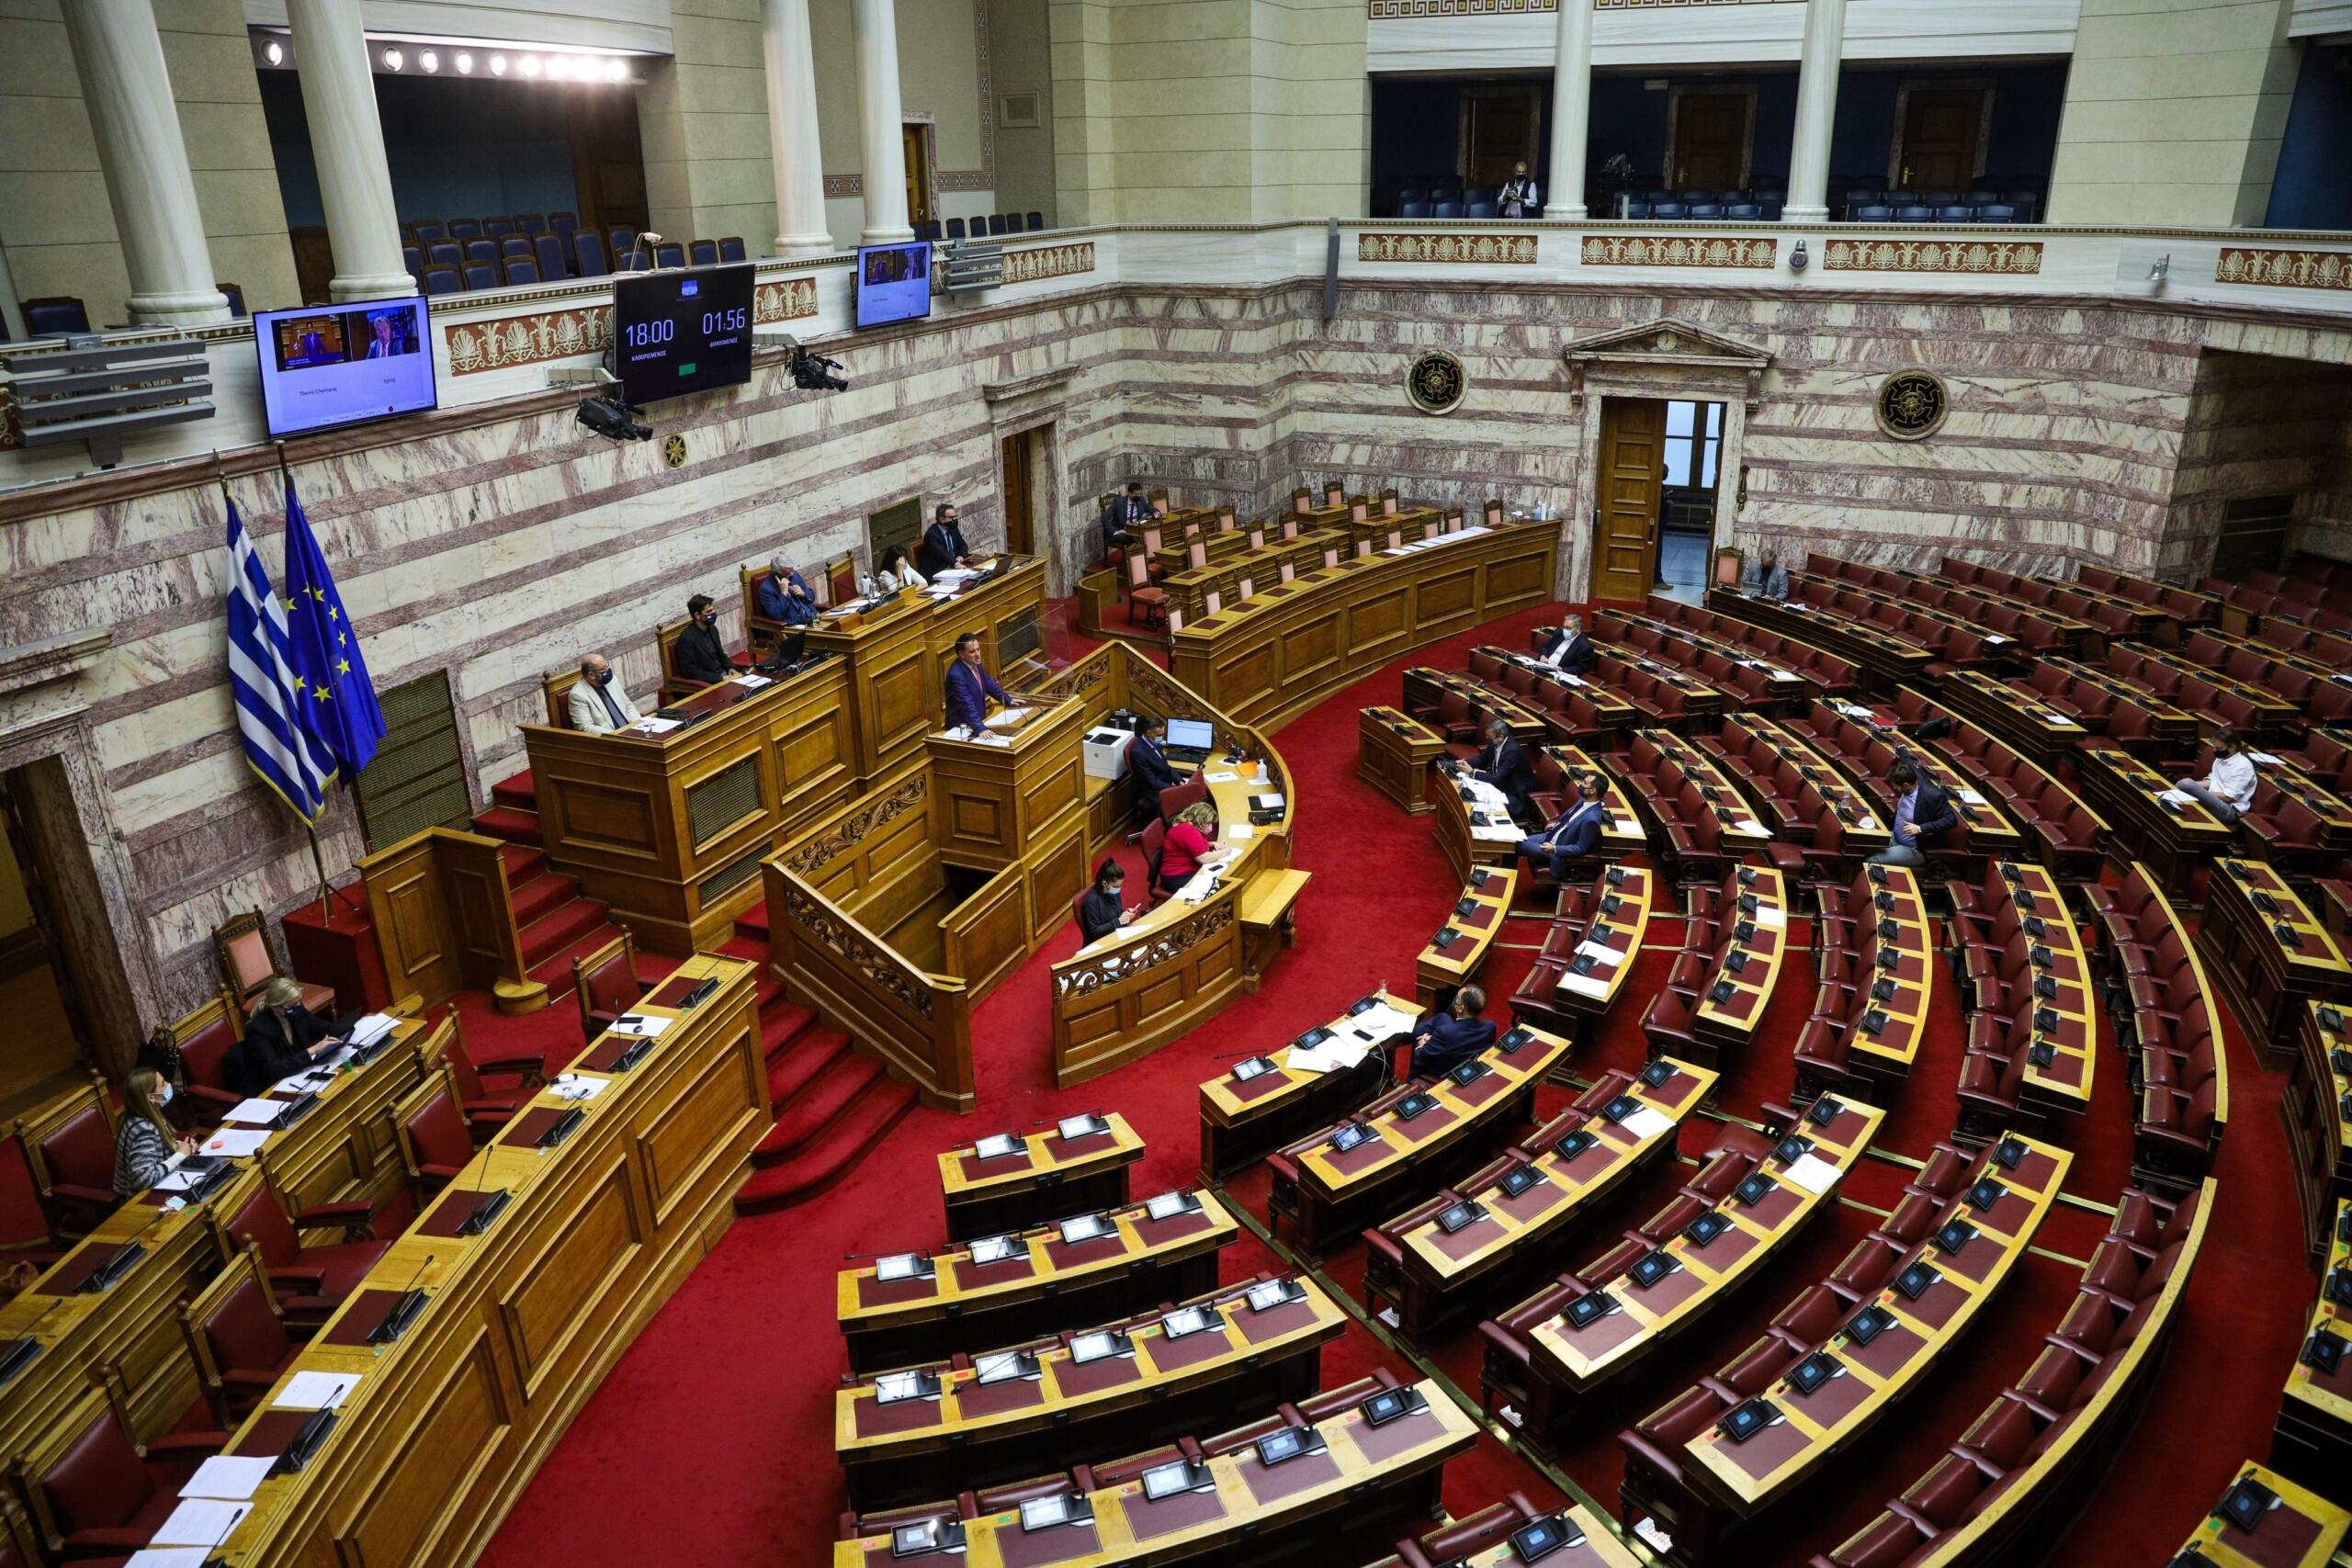 Ψηφίσθηκε το σχέδιο νόμου για την παραγωγή και εξαγωγή φαρμακευτικής κάνναβης